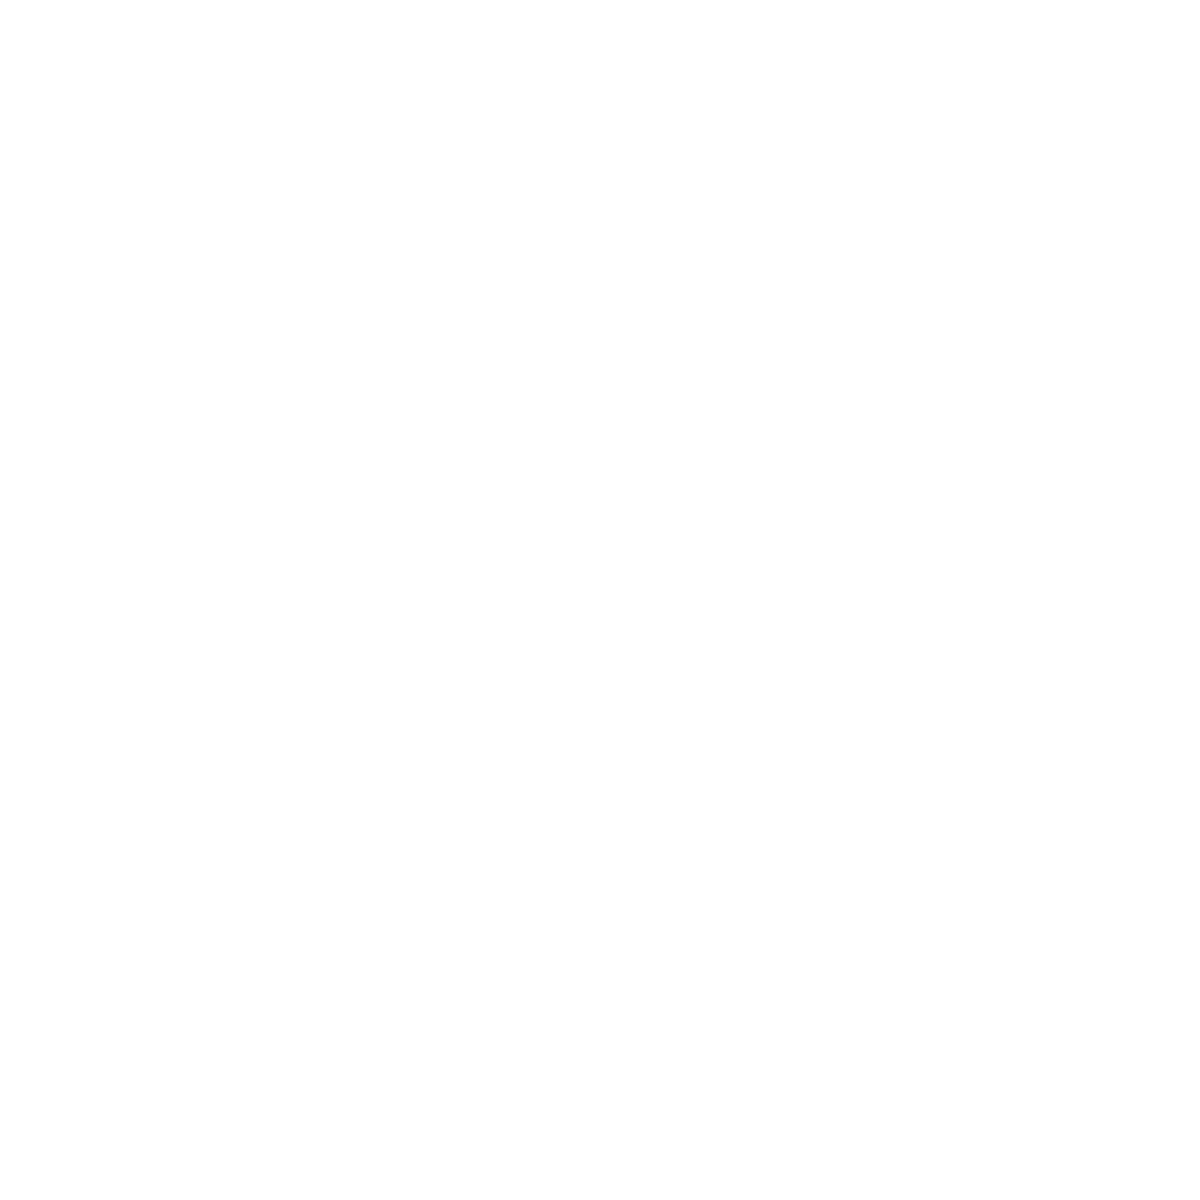 SC-Logomark-White-Reverse@2x.png